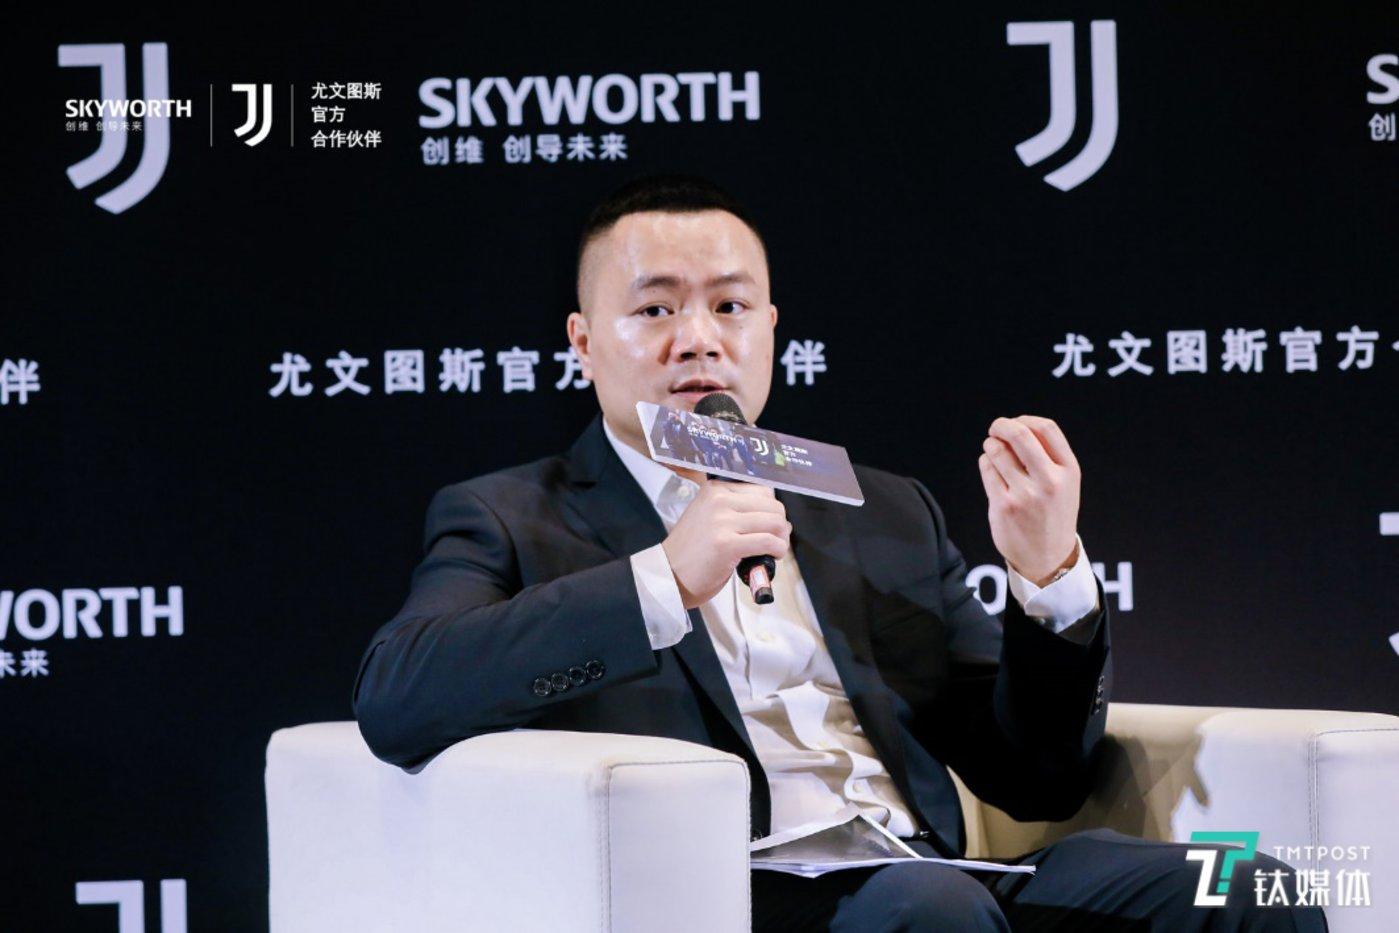 深圳创维-RGB电子有限公司首席品牌官唐晓亮